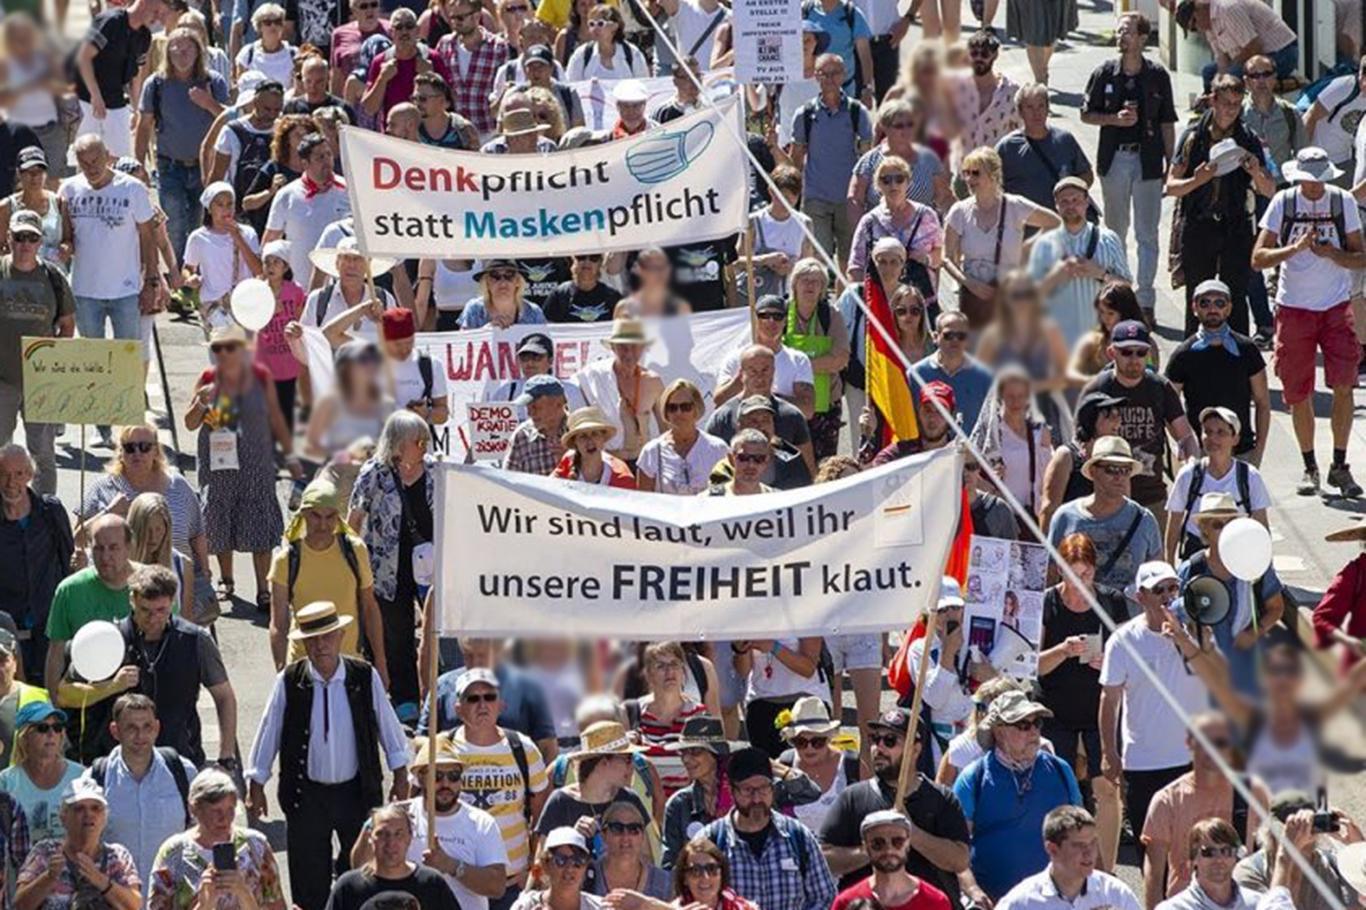 Almanyada yeni tip Coronavirus önlemleri protesto edildi